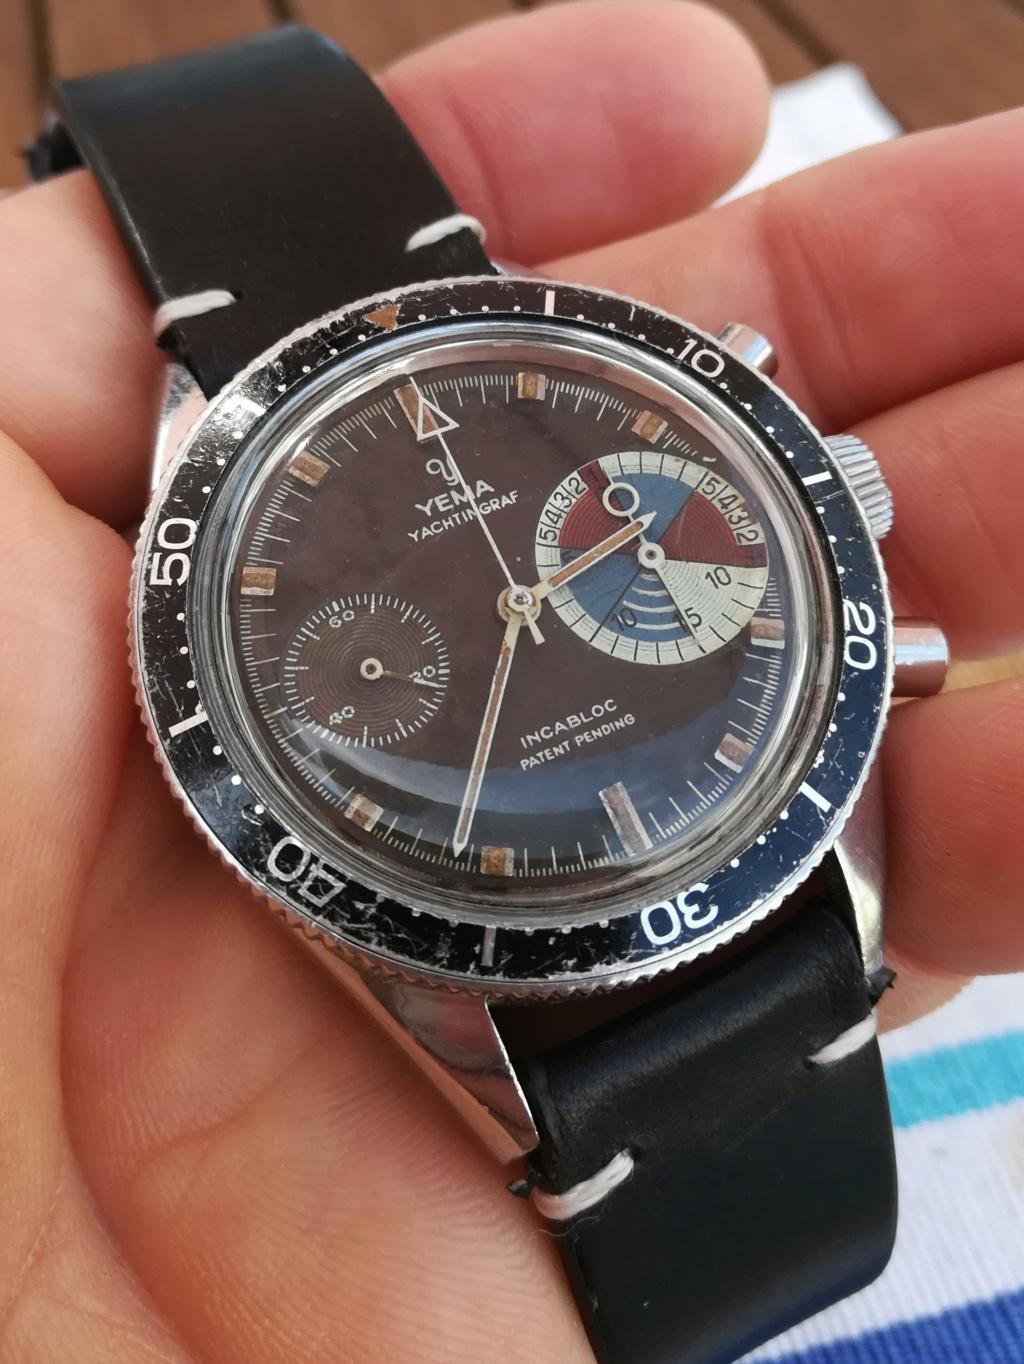 Quelle est votre plus belle conquête horlogère ? (Avec photo !)  - Page 2 Img_2185